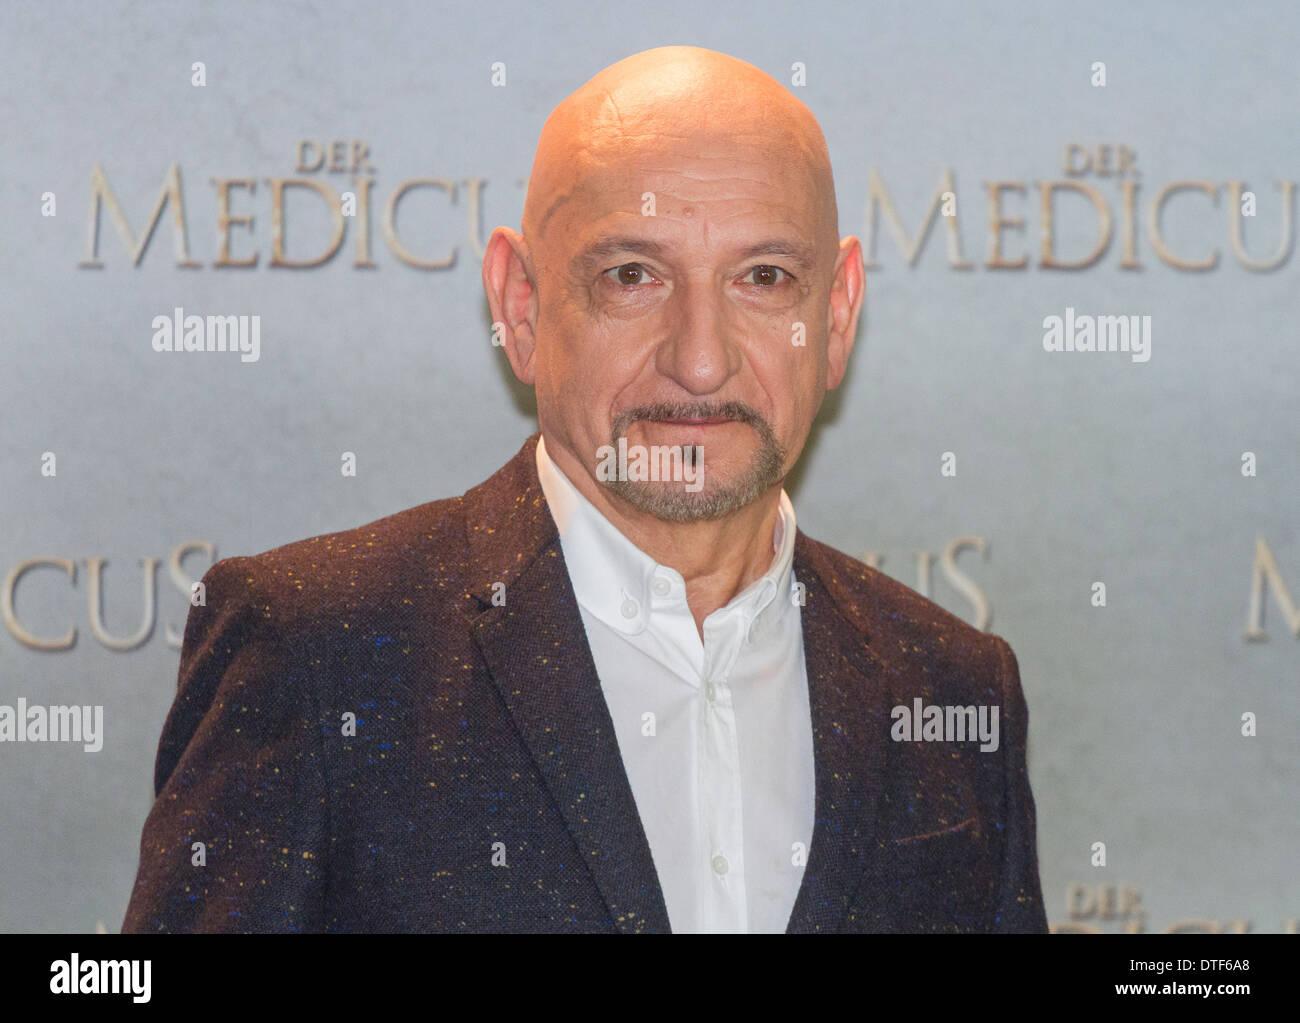 Berlin, Germany, actor Sir Ben Kingsley - Stock Image